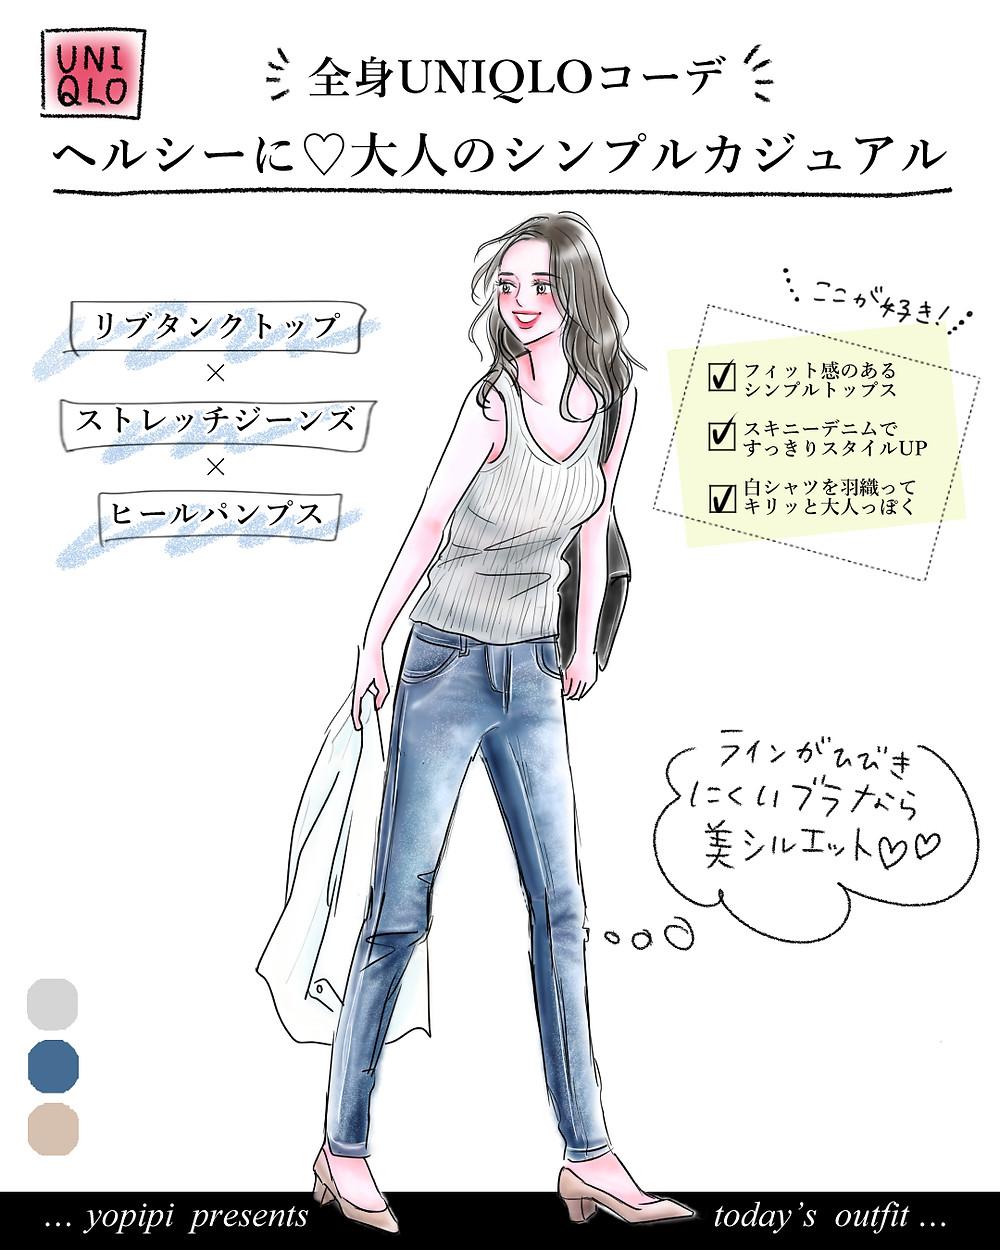 株式会社ユニクロ様「ワイヤレスブラ」シリーズ